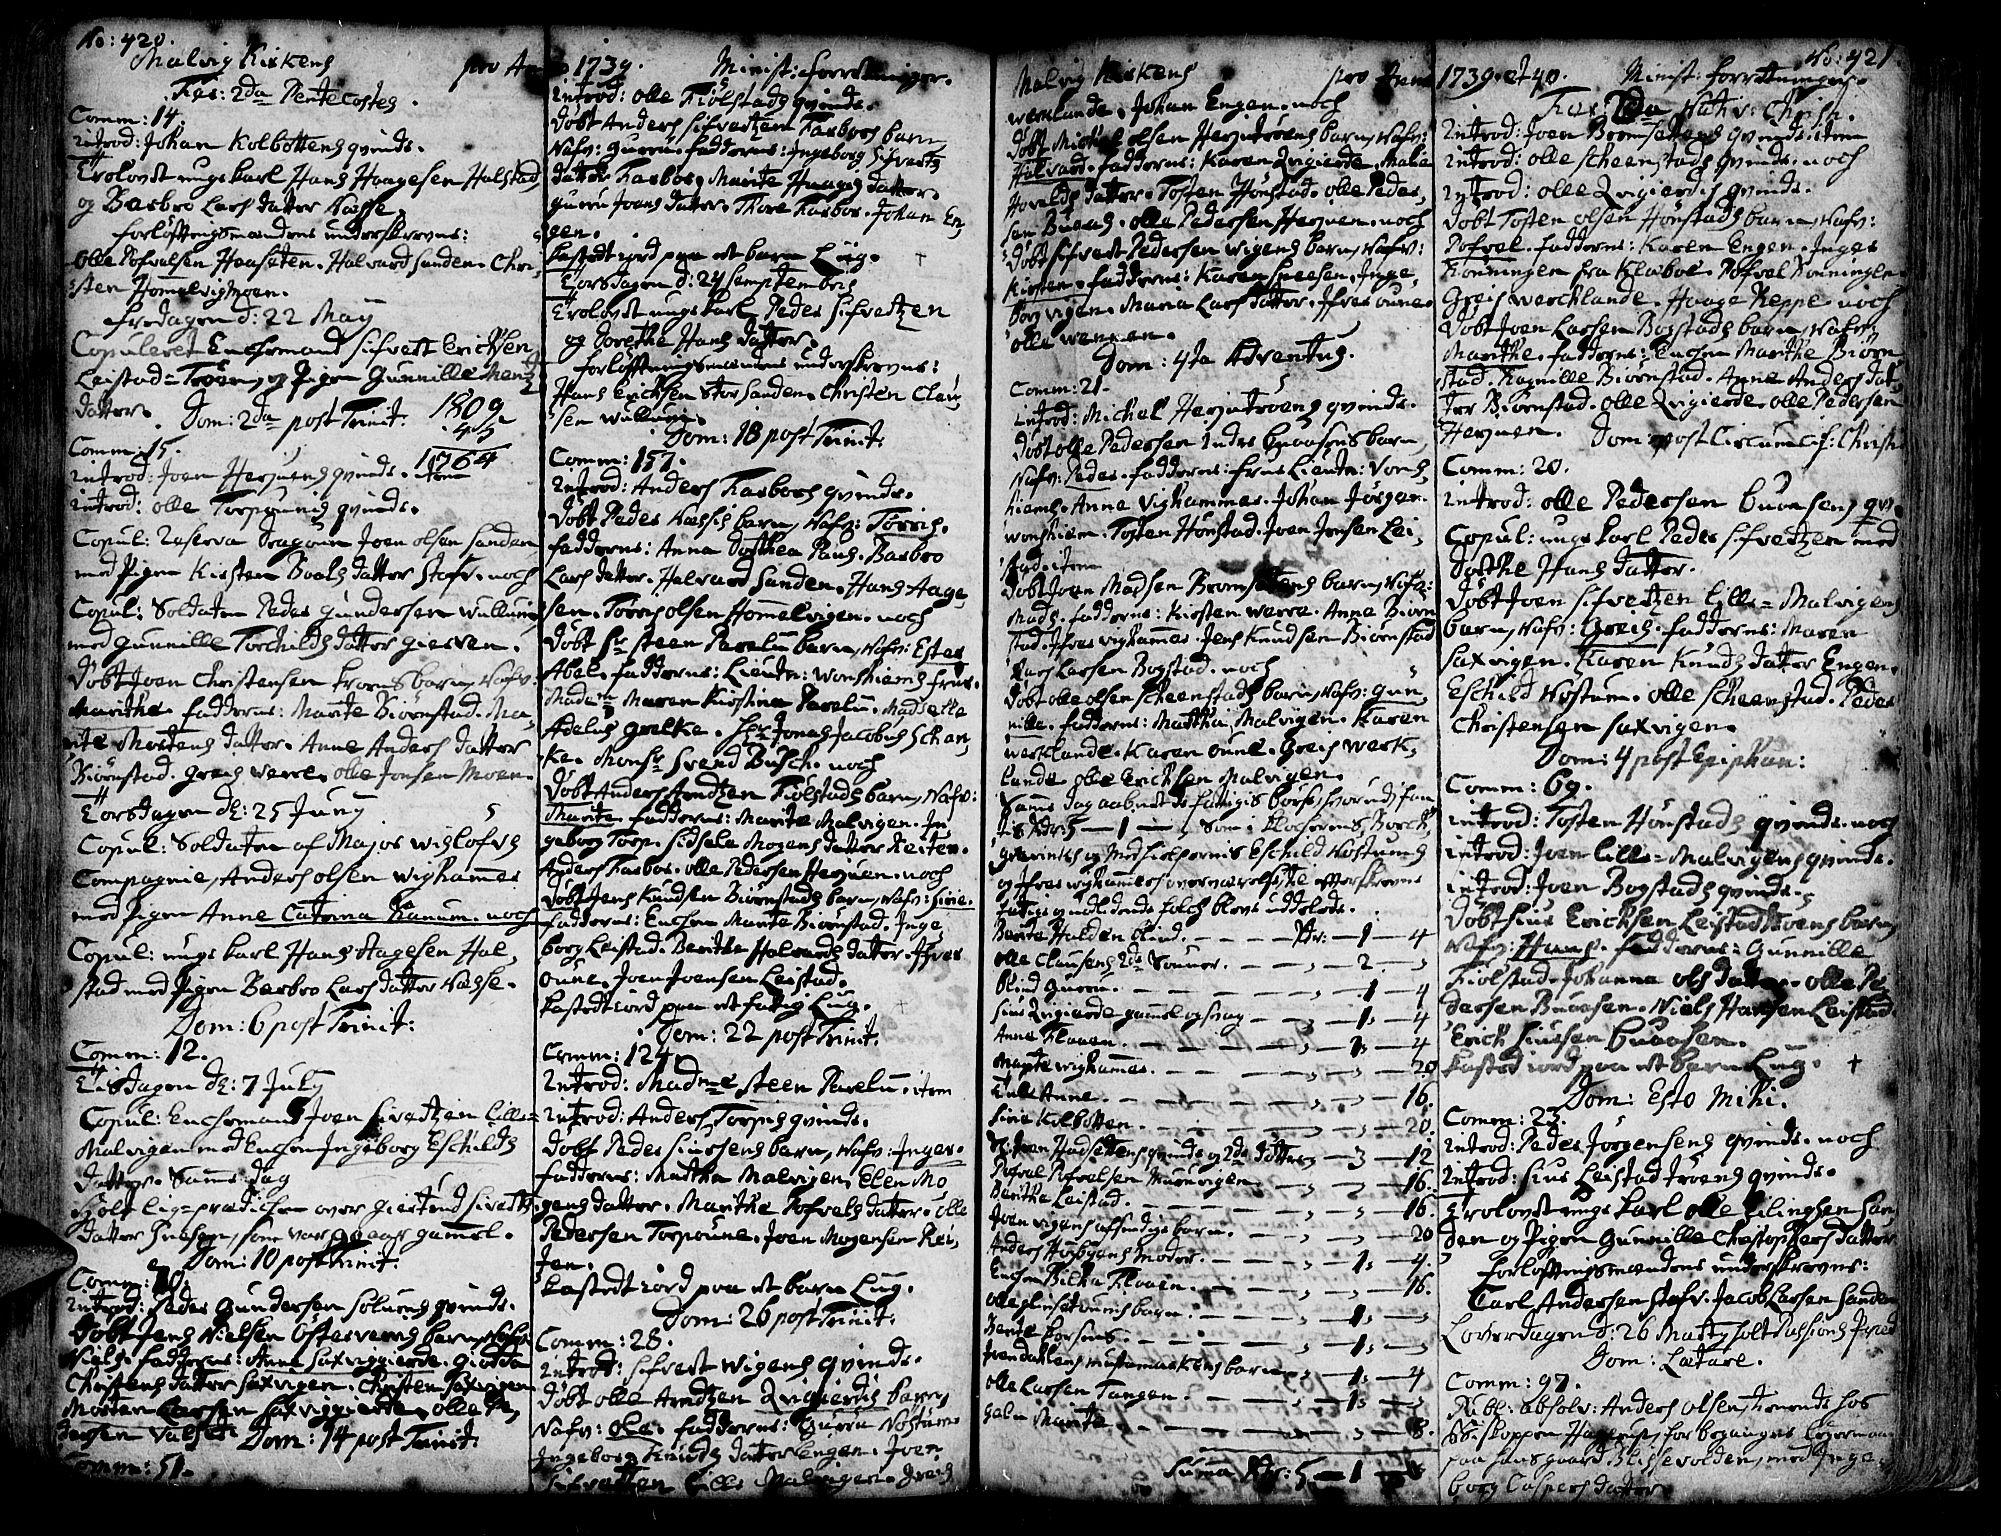 SAT, Ministerialprotokoller, klokkerbøker og fødselsregistre - Sør-Trøndelag, 606/L0277: Ministerialbok nr. 606A01 /3, 1727-1780, s. 420-421